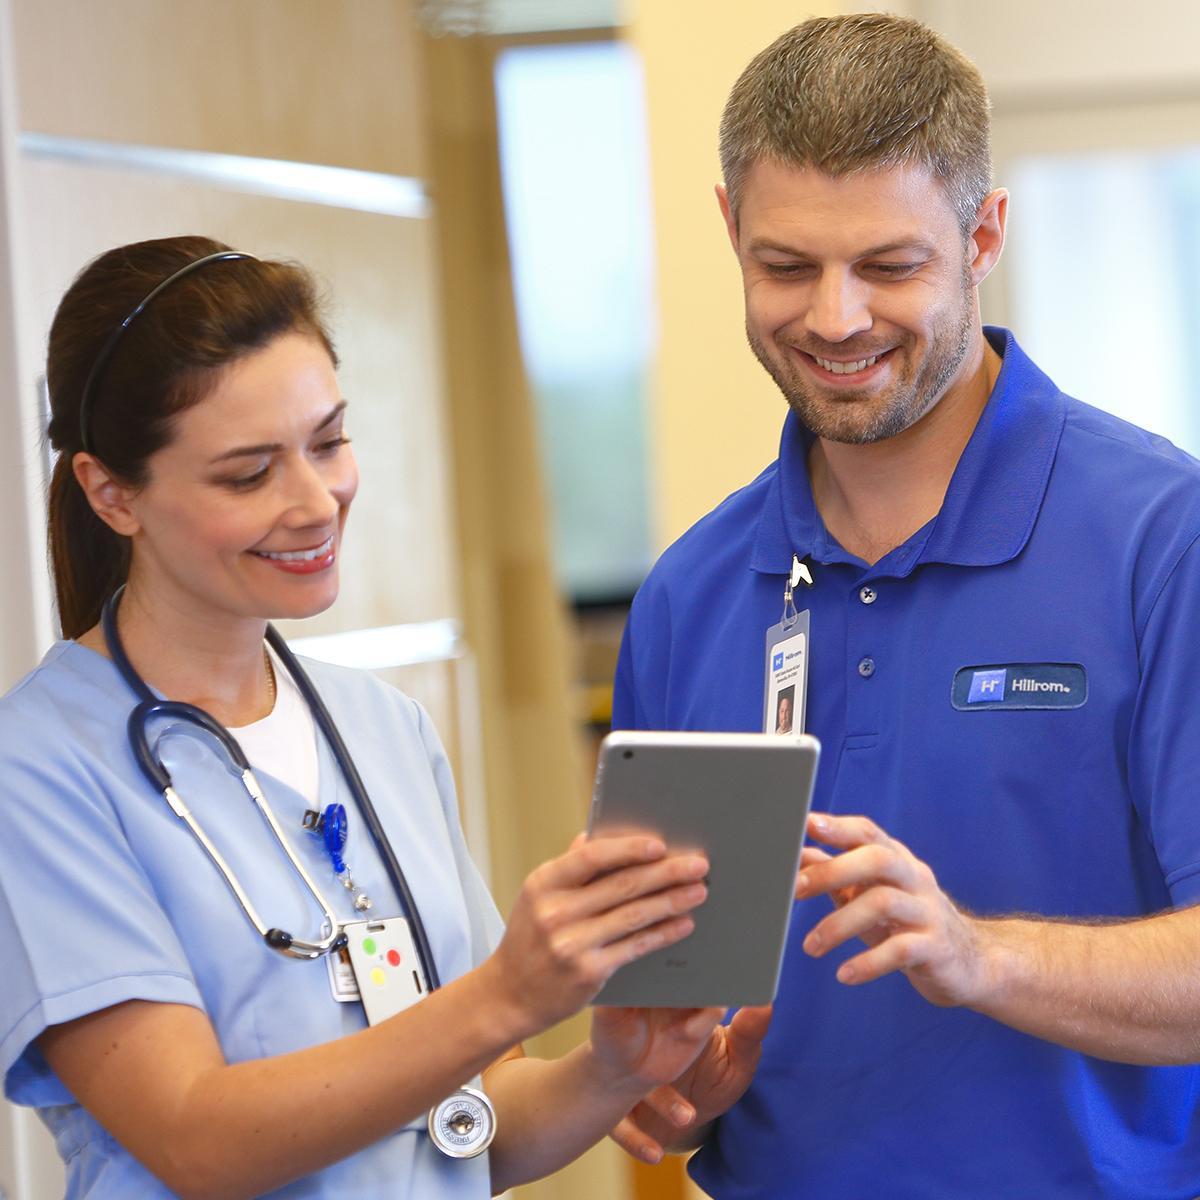 Infirmière et technicien de Hillrom qui discutent avec une tablette dans les mains